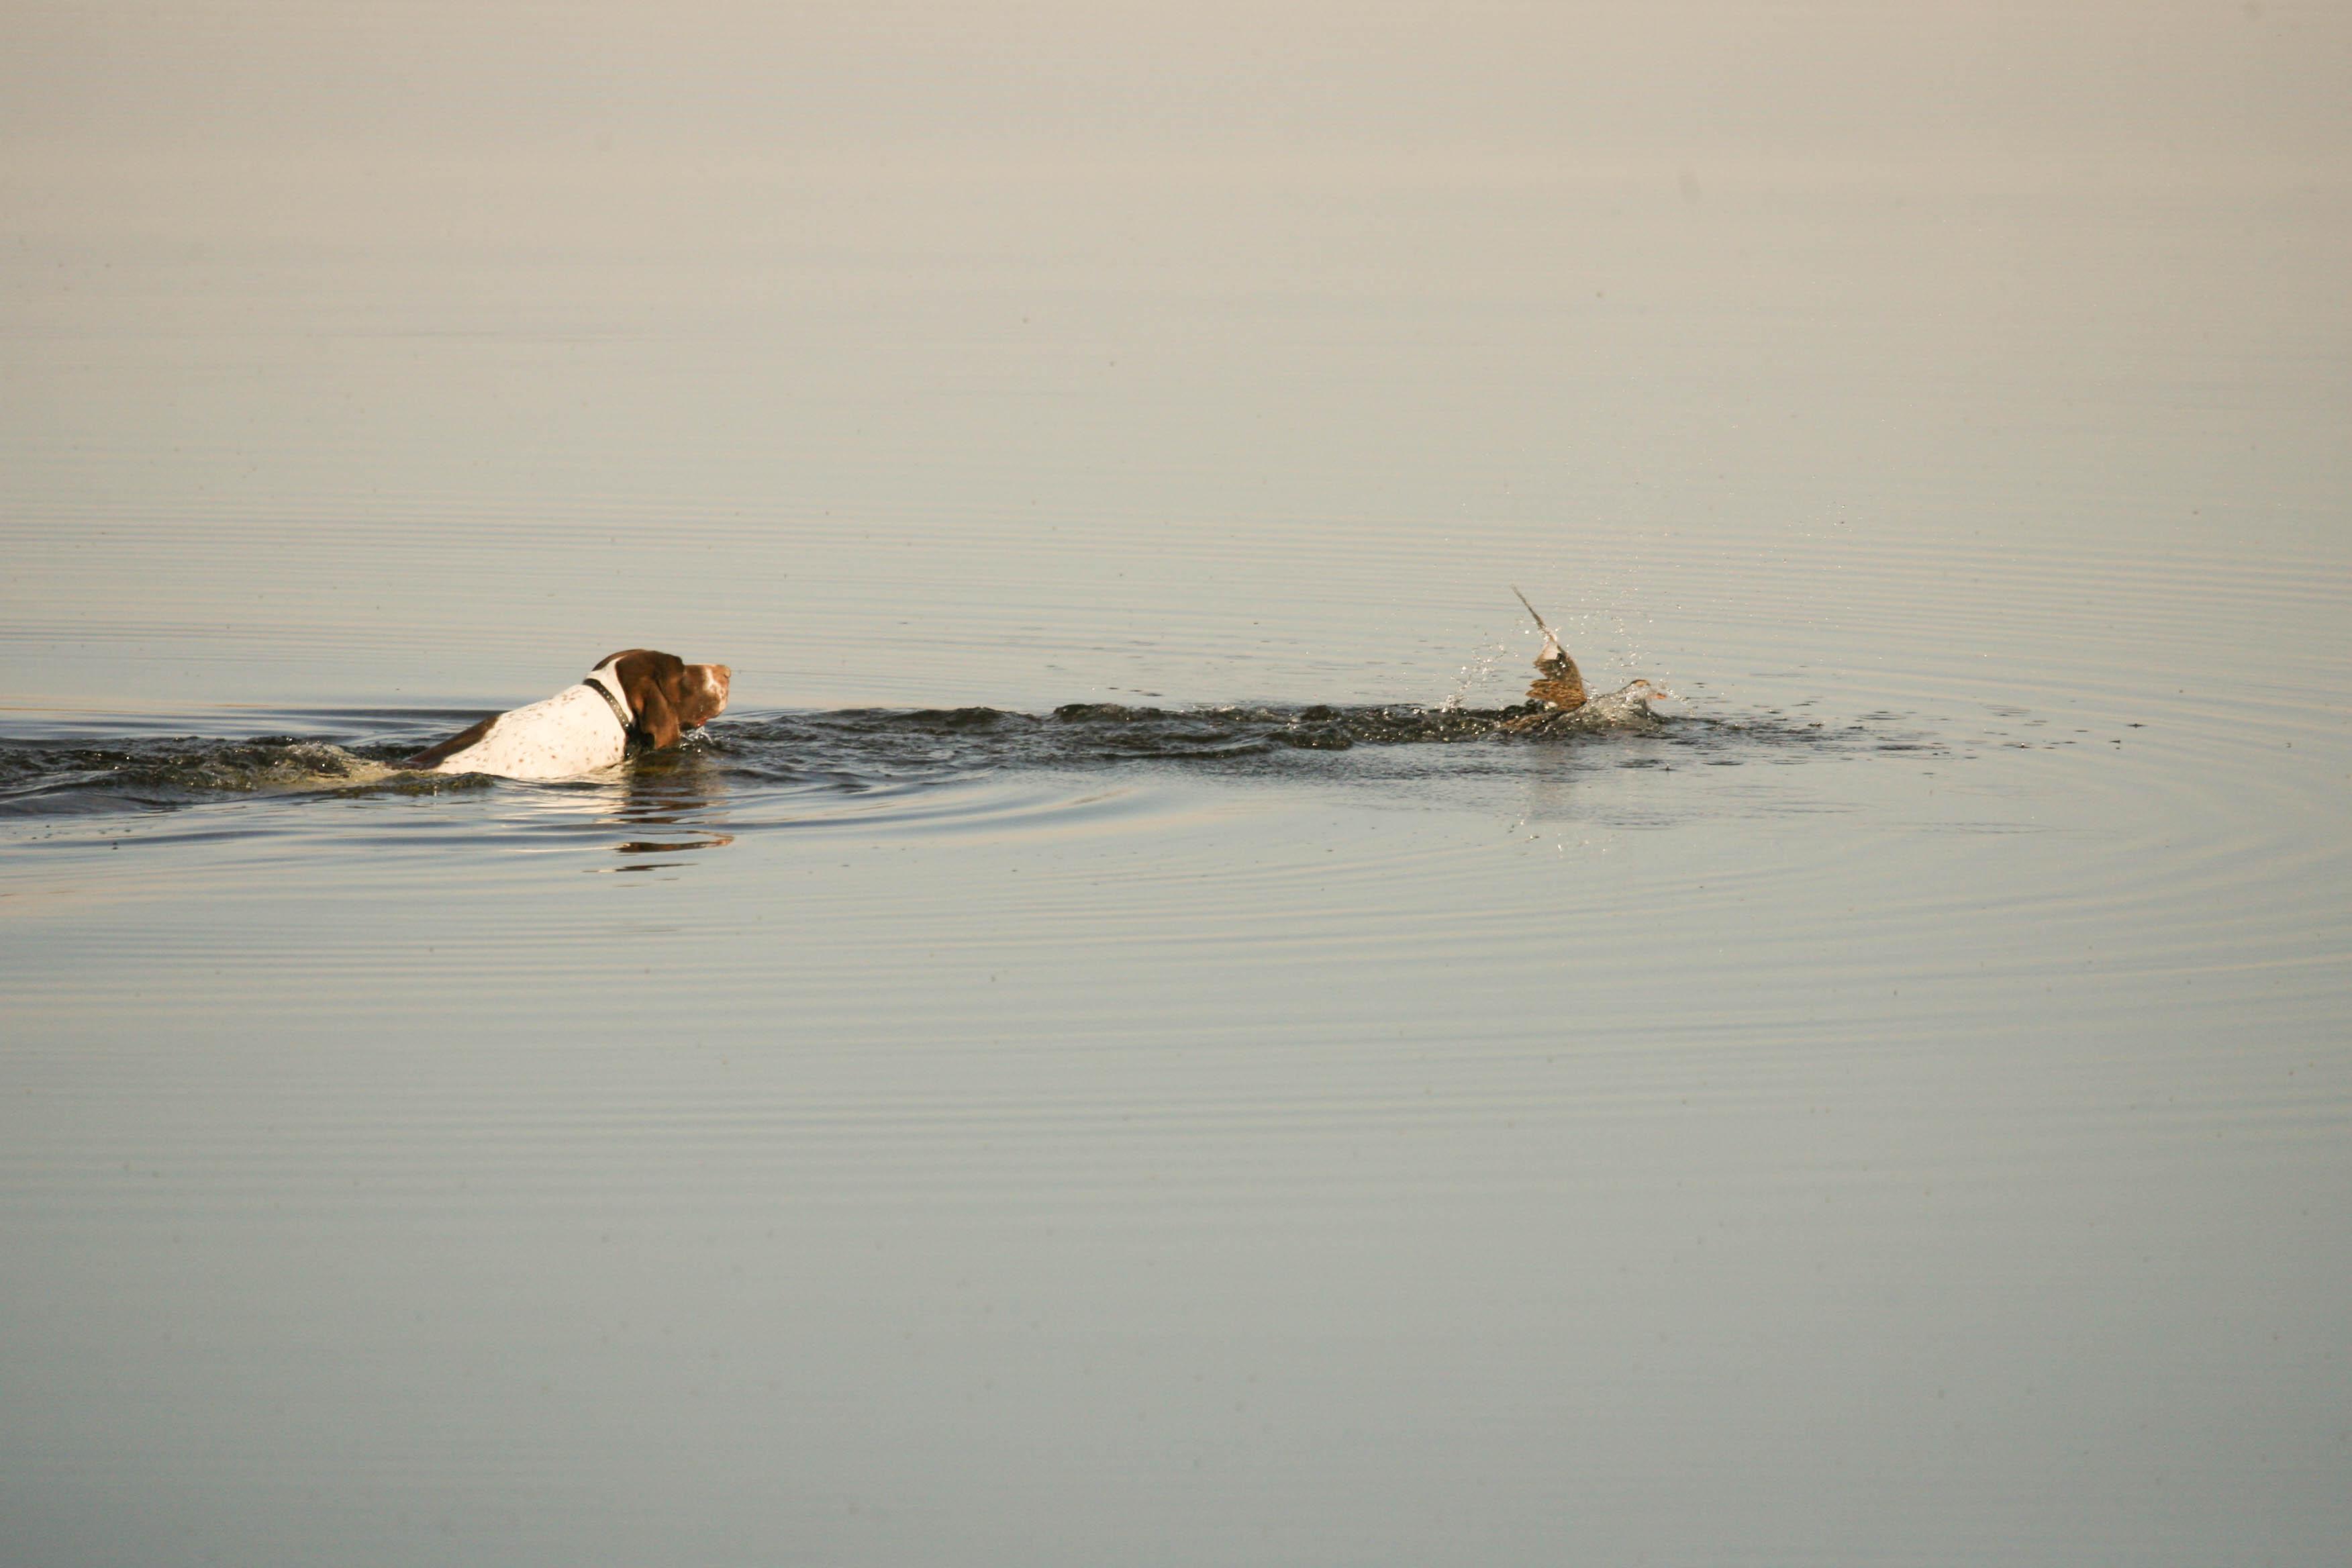 Indy on a duck retrieve.